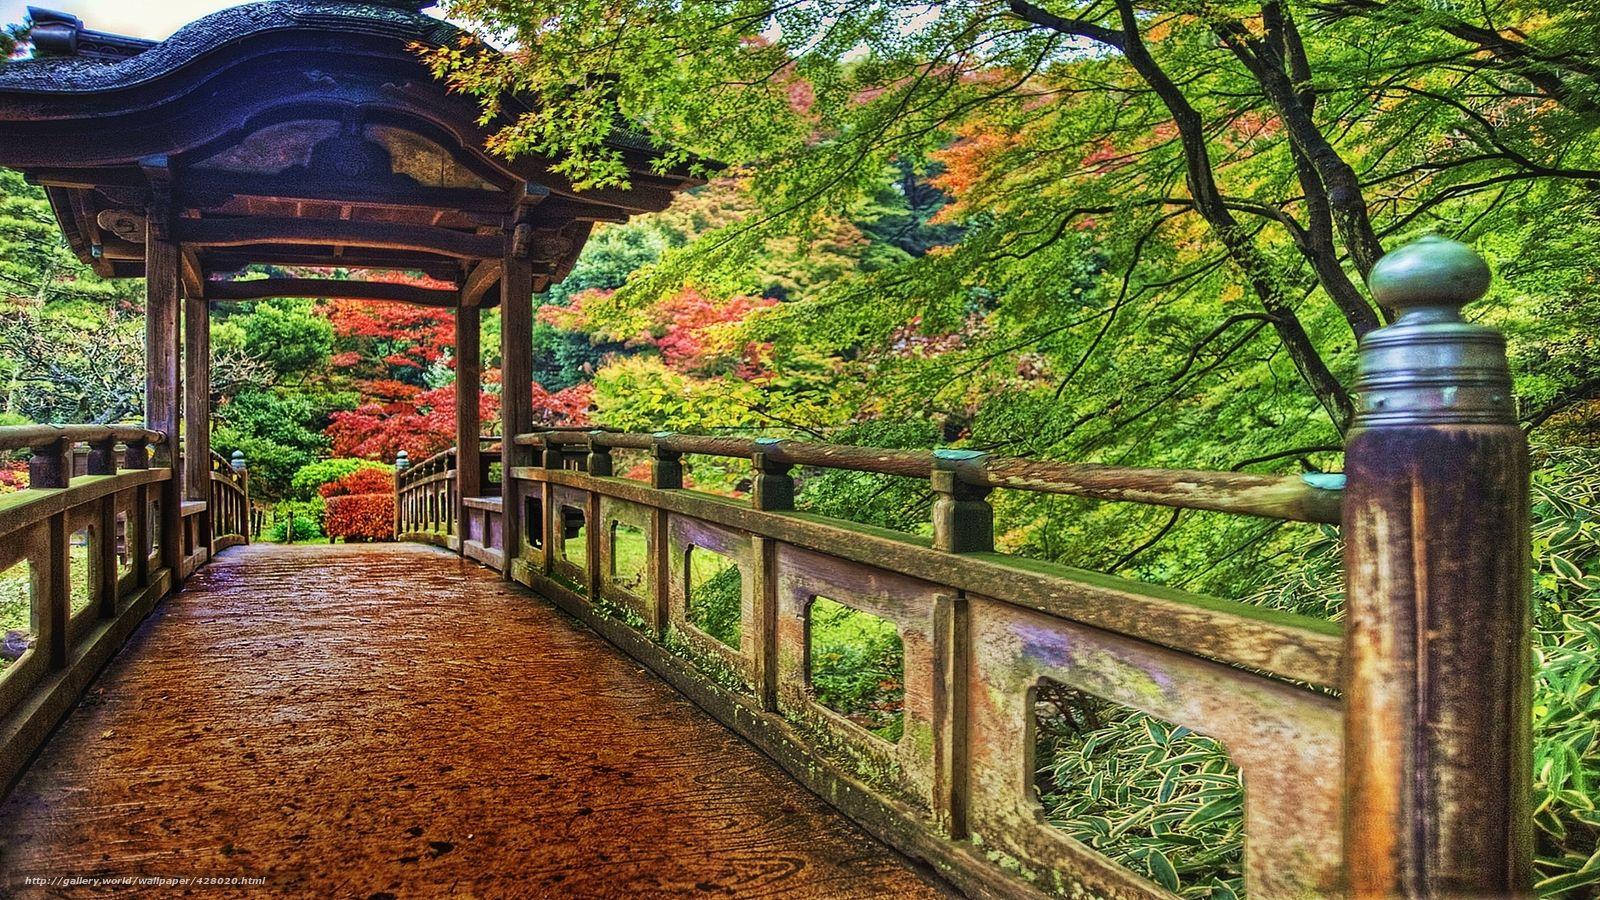 Download wallpaper yokohama, japan, park, colorful free